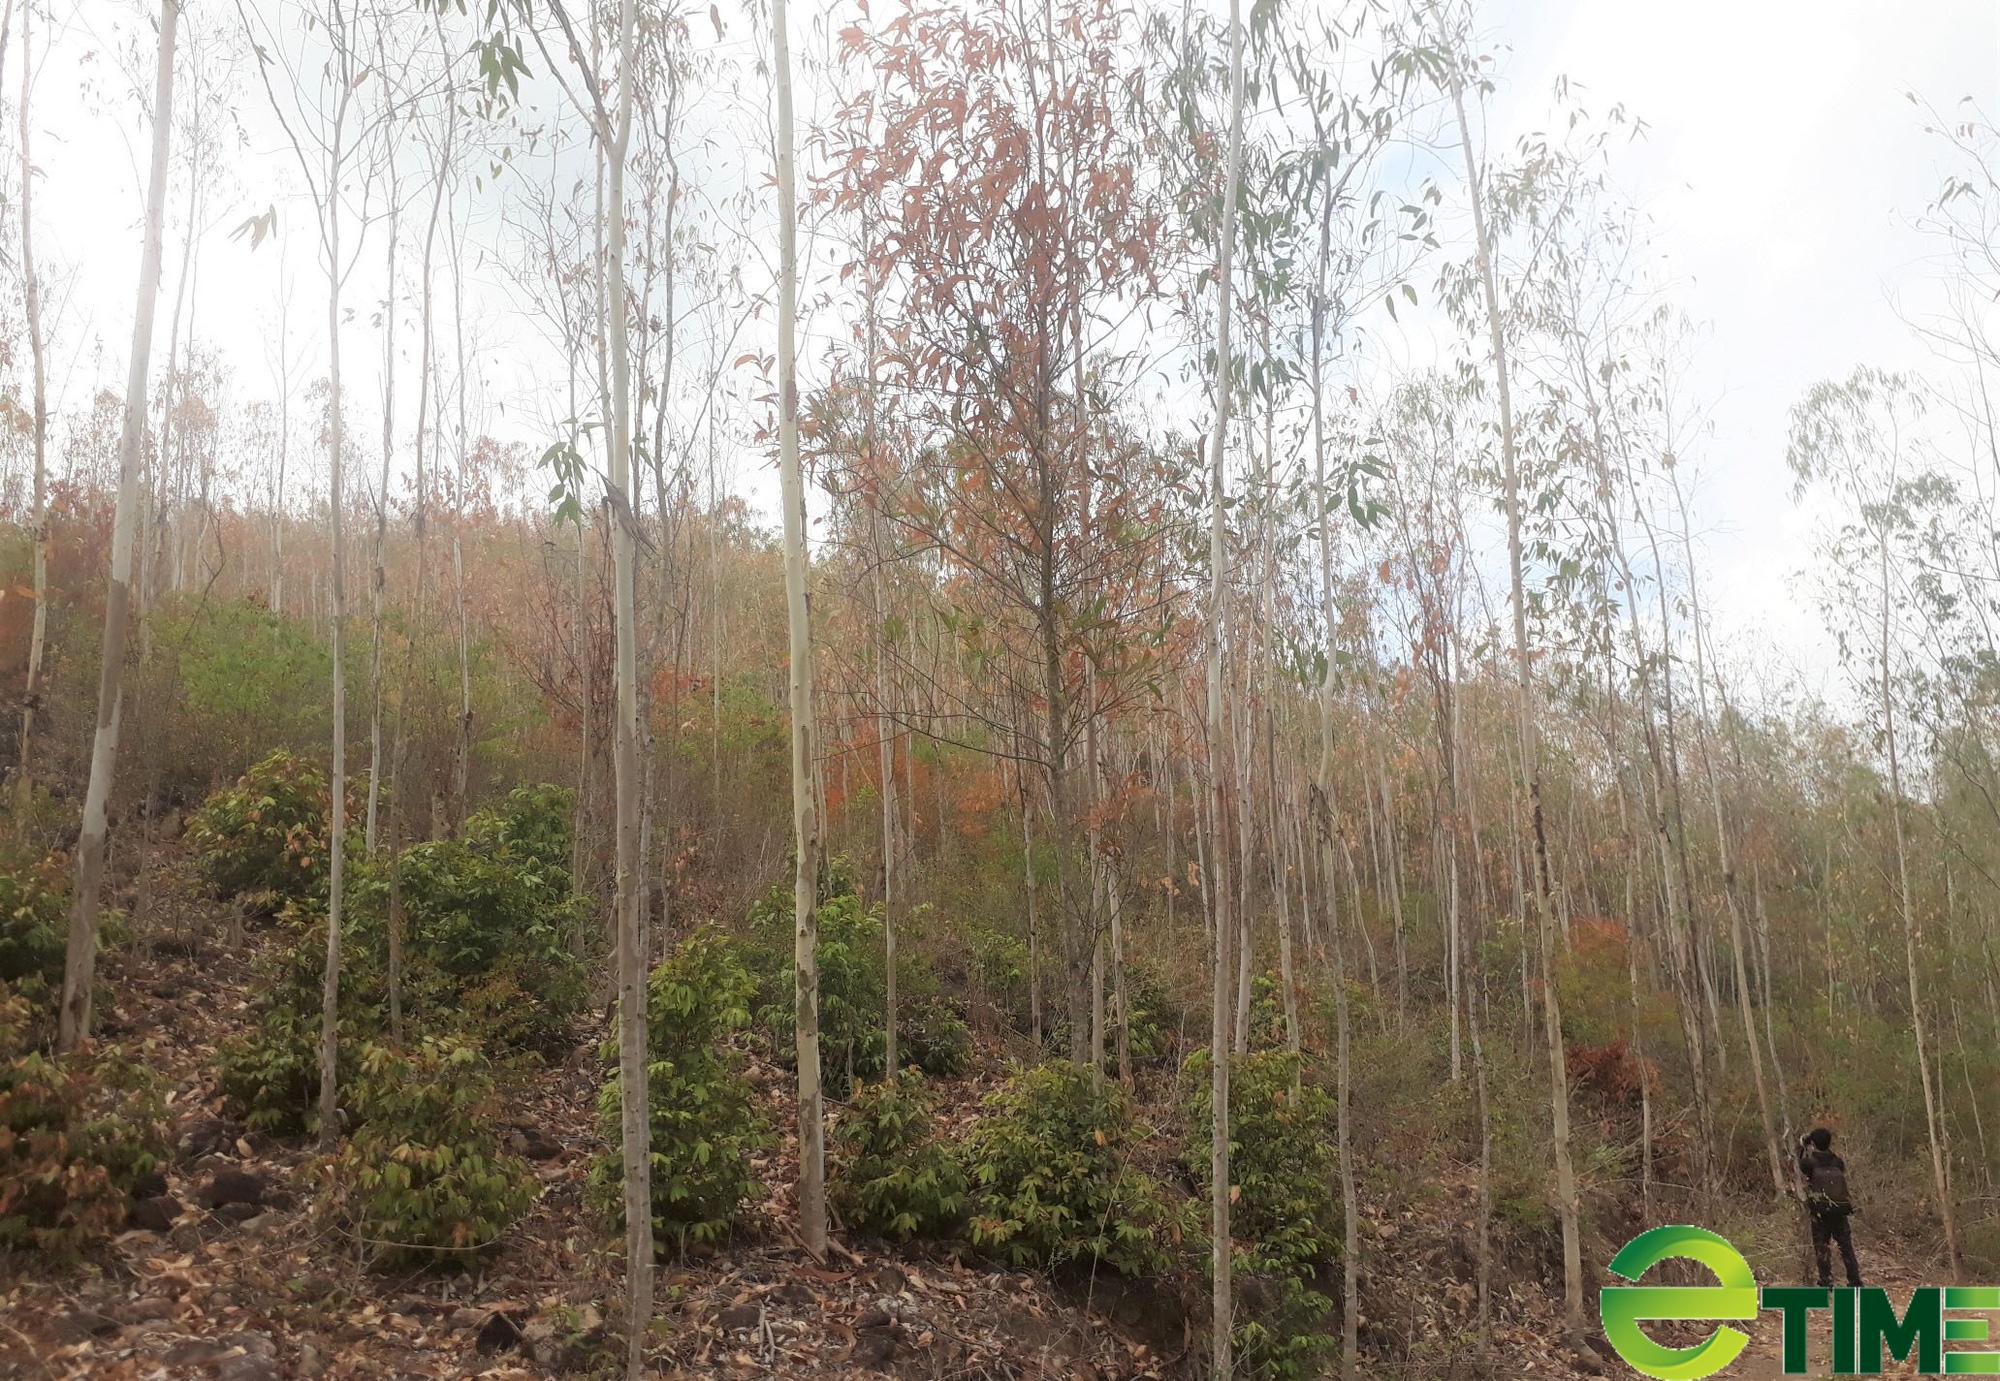 Rừng đang xanh tốt bất ngờ chết khô thành củi do nắng nóng, người trồng lâm cảnh trắng tay - Ảnh 2.